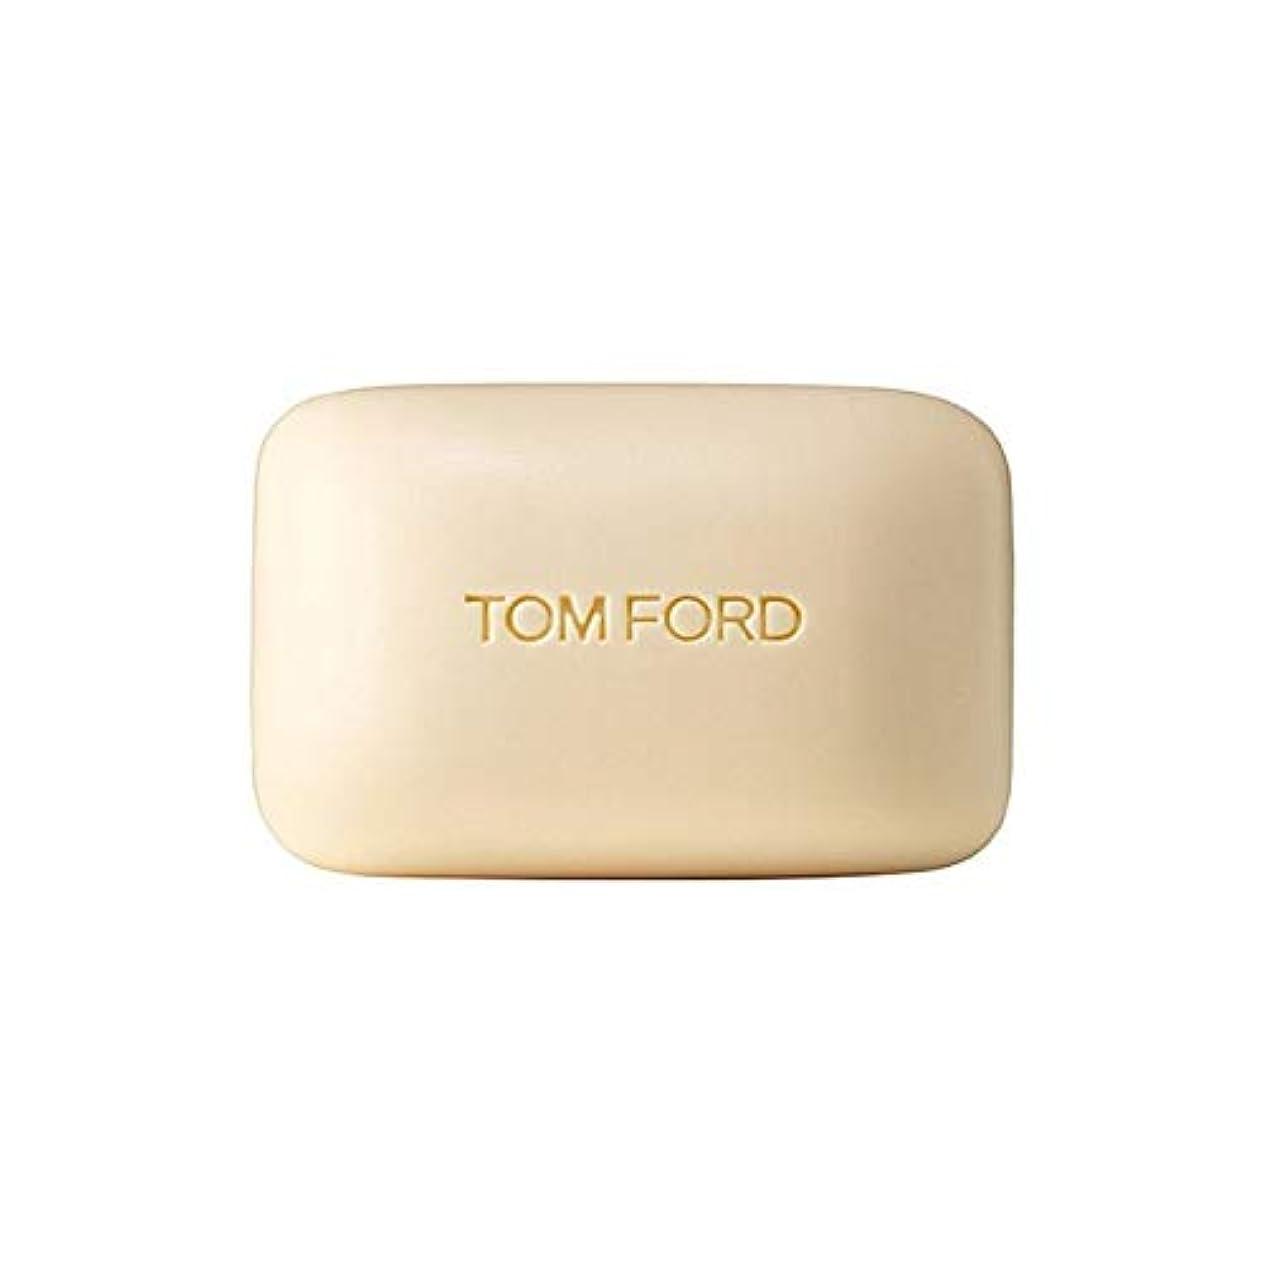 会話給料正しく[Tom Ford] トムフォードジャスミンルージュソープバー150グラム - Tom Ford Jasmin Rouge Soap Bar 150G [並行輸入品]